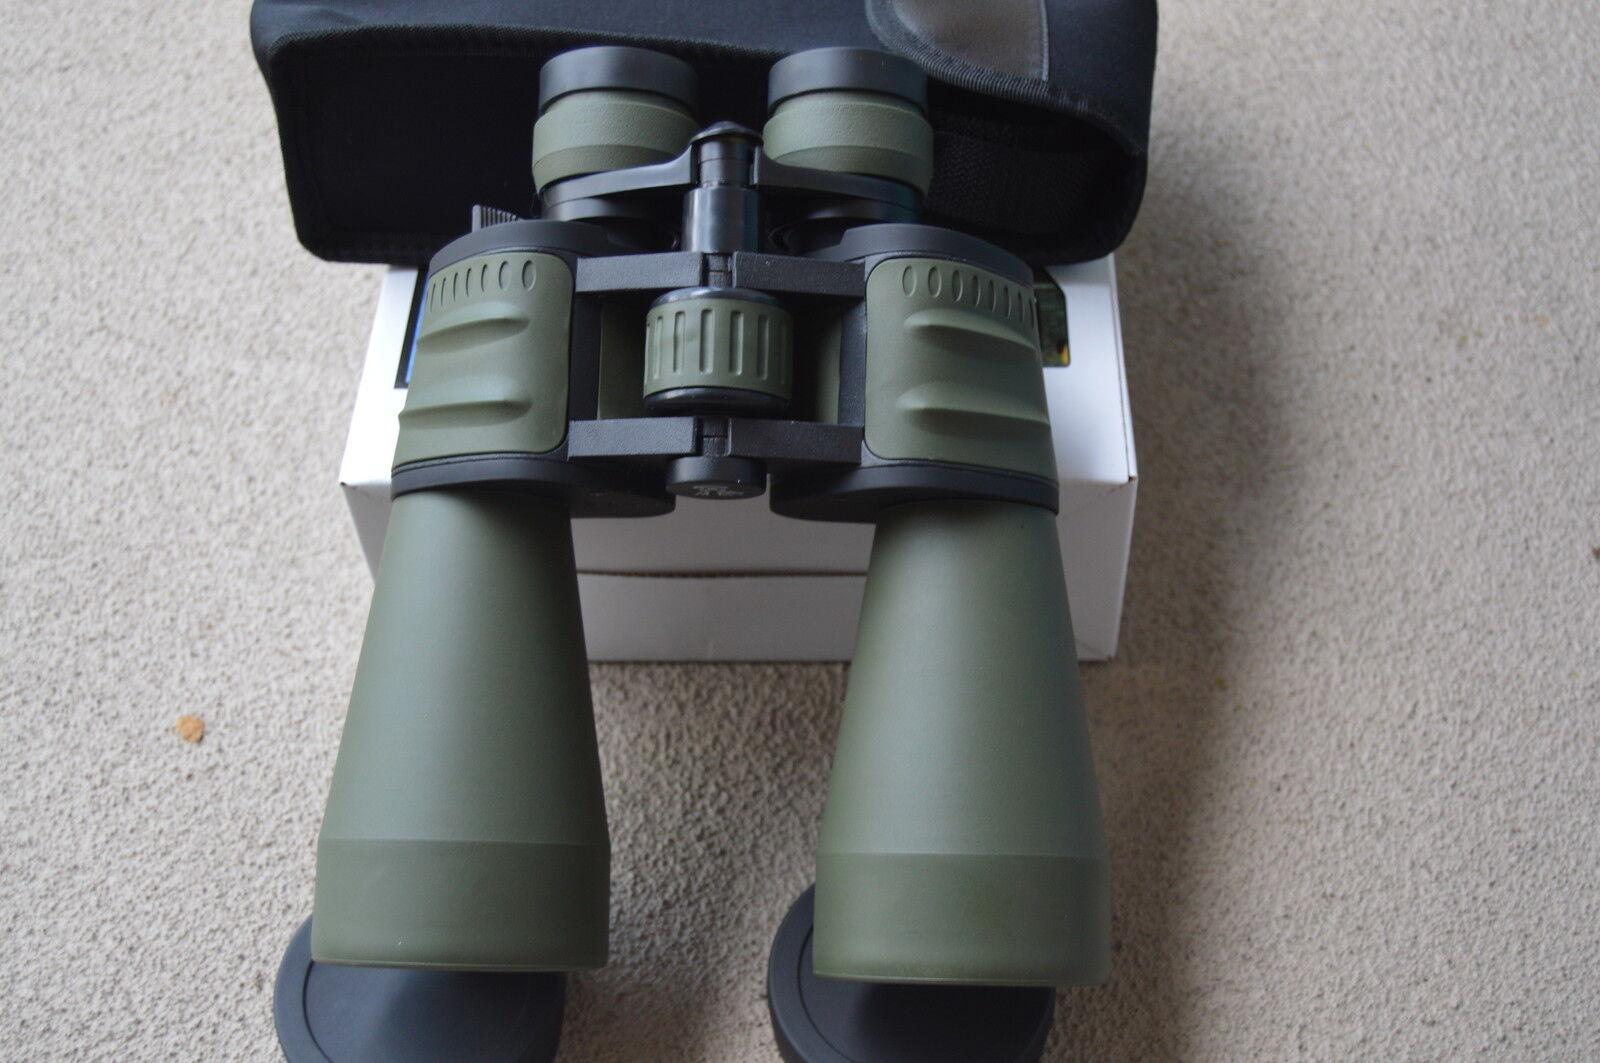 Gran Día noche Prisma 10-120x90 Zoom Prismáticos Camo estilo militar